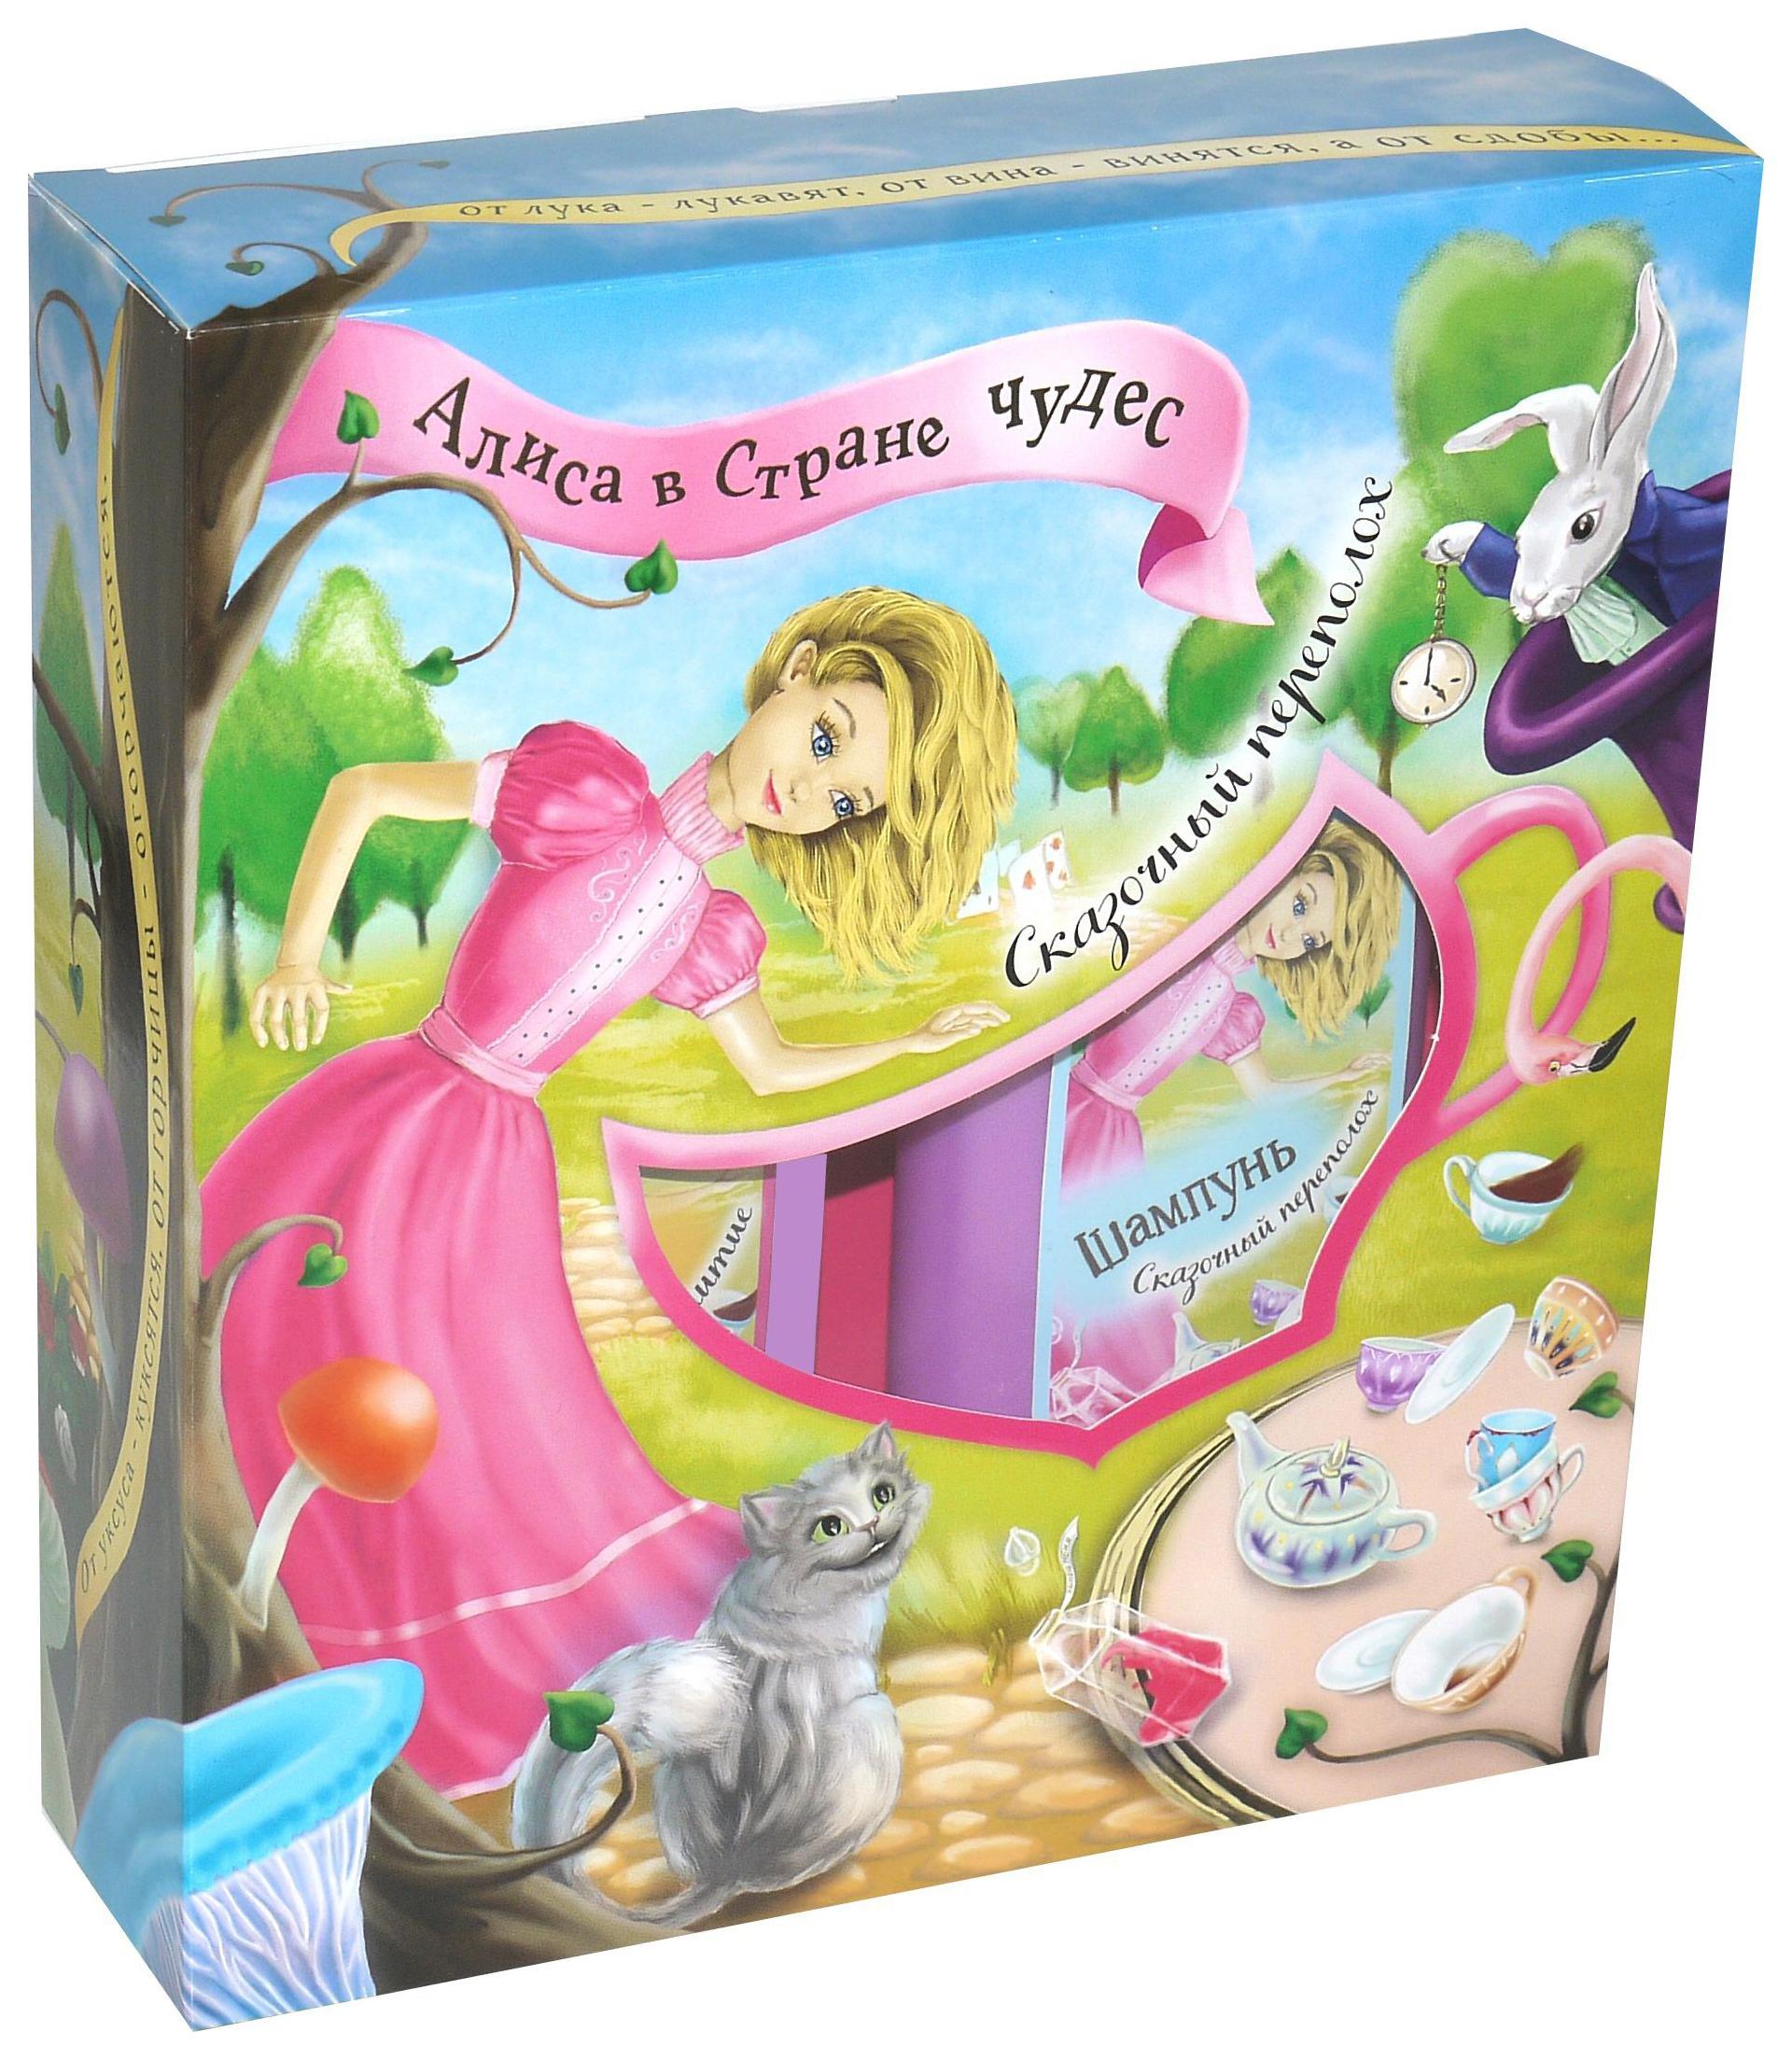 Подарочный набор для девочек Festiva Алиса